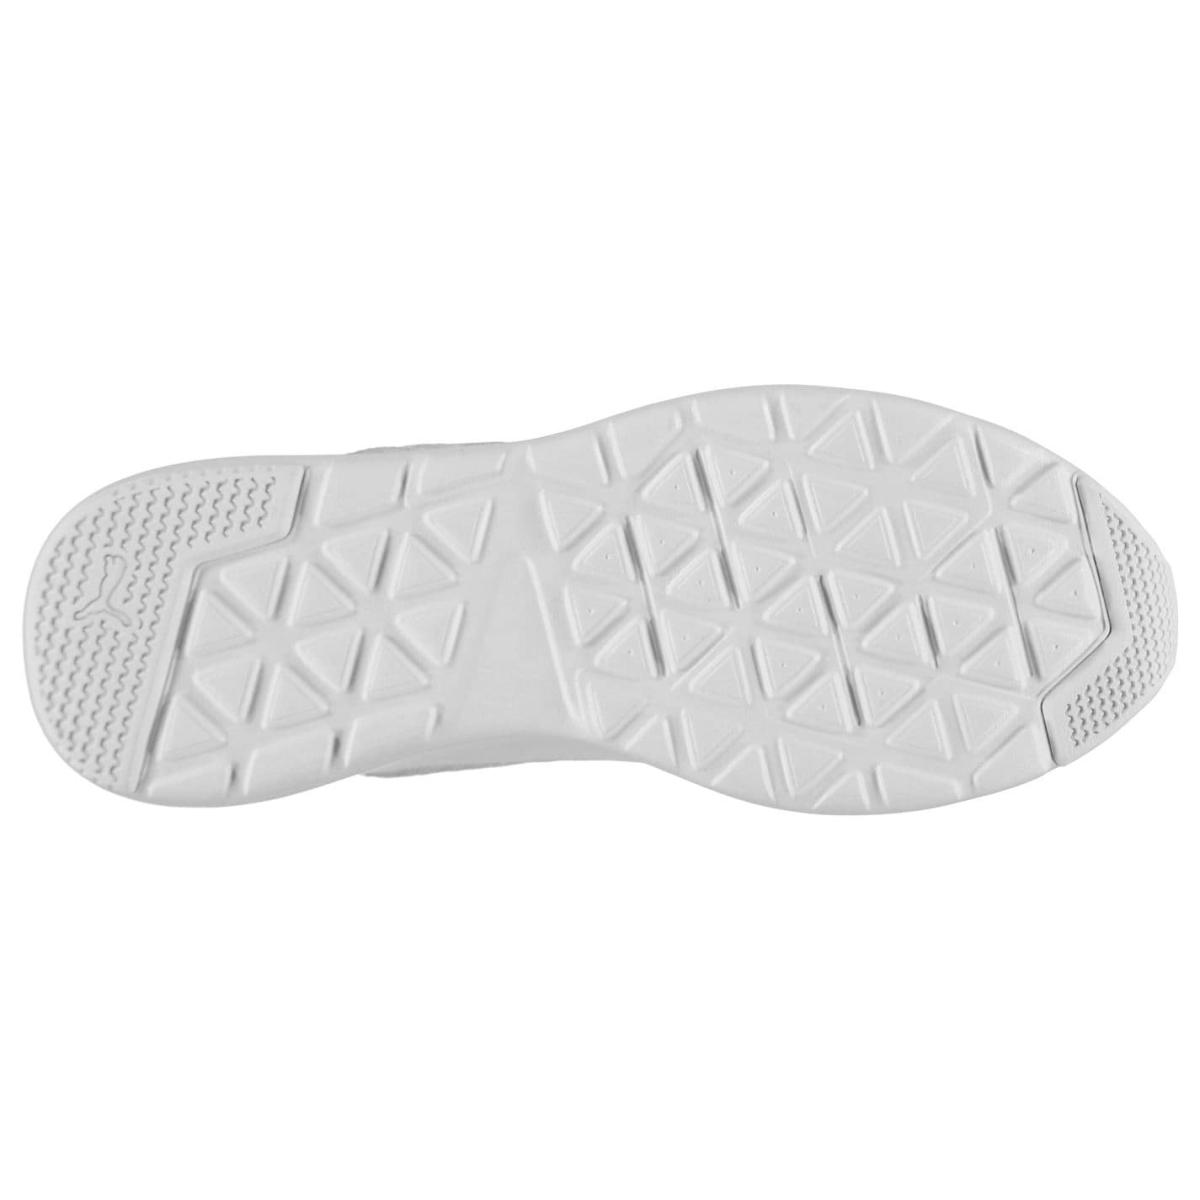 Puma-Wired-senores-zapatillas-de-deporte-zapatillas-para-correr-cortos-calzado-deportivo-fitness miniatura 9